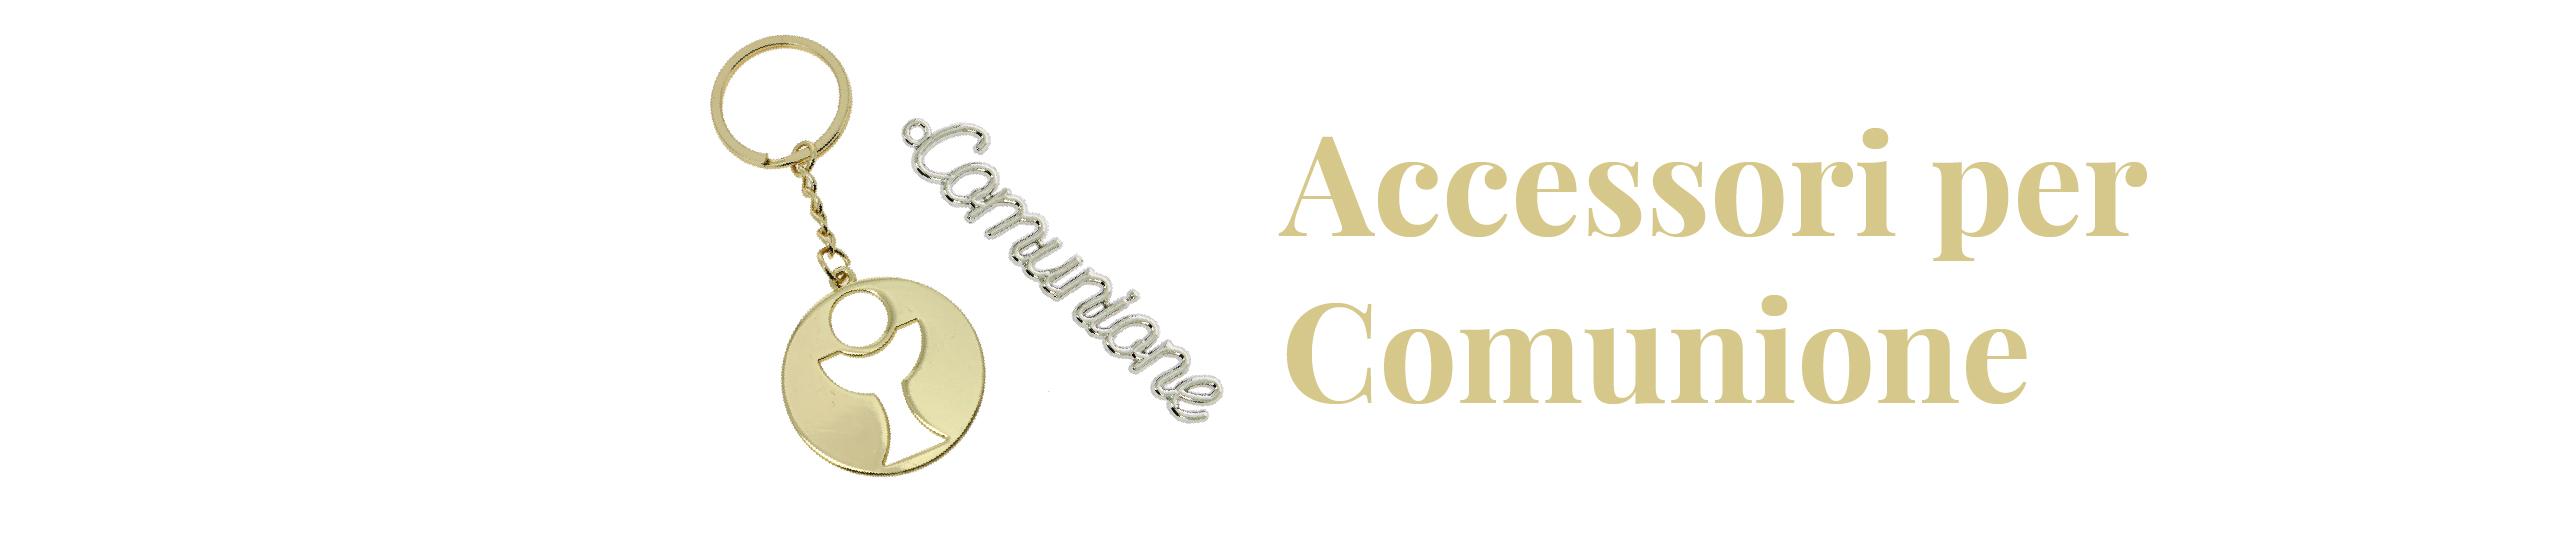 Accessori per comunione